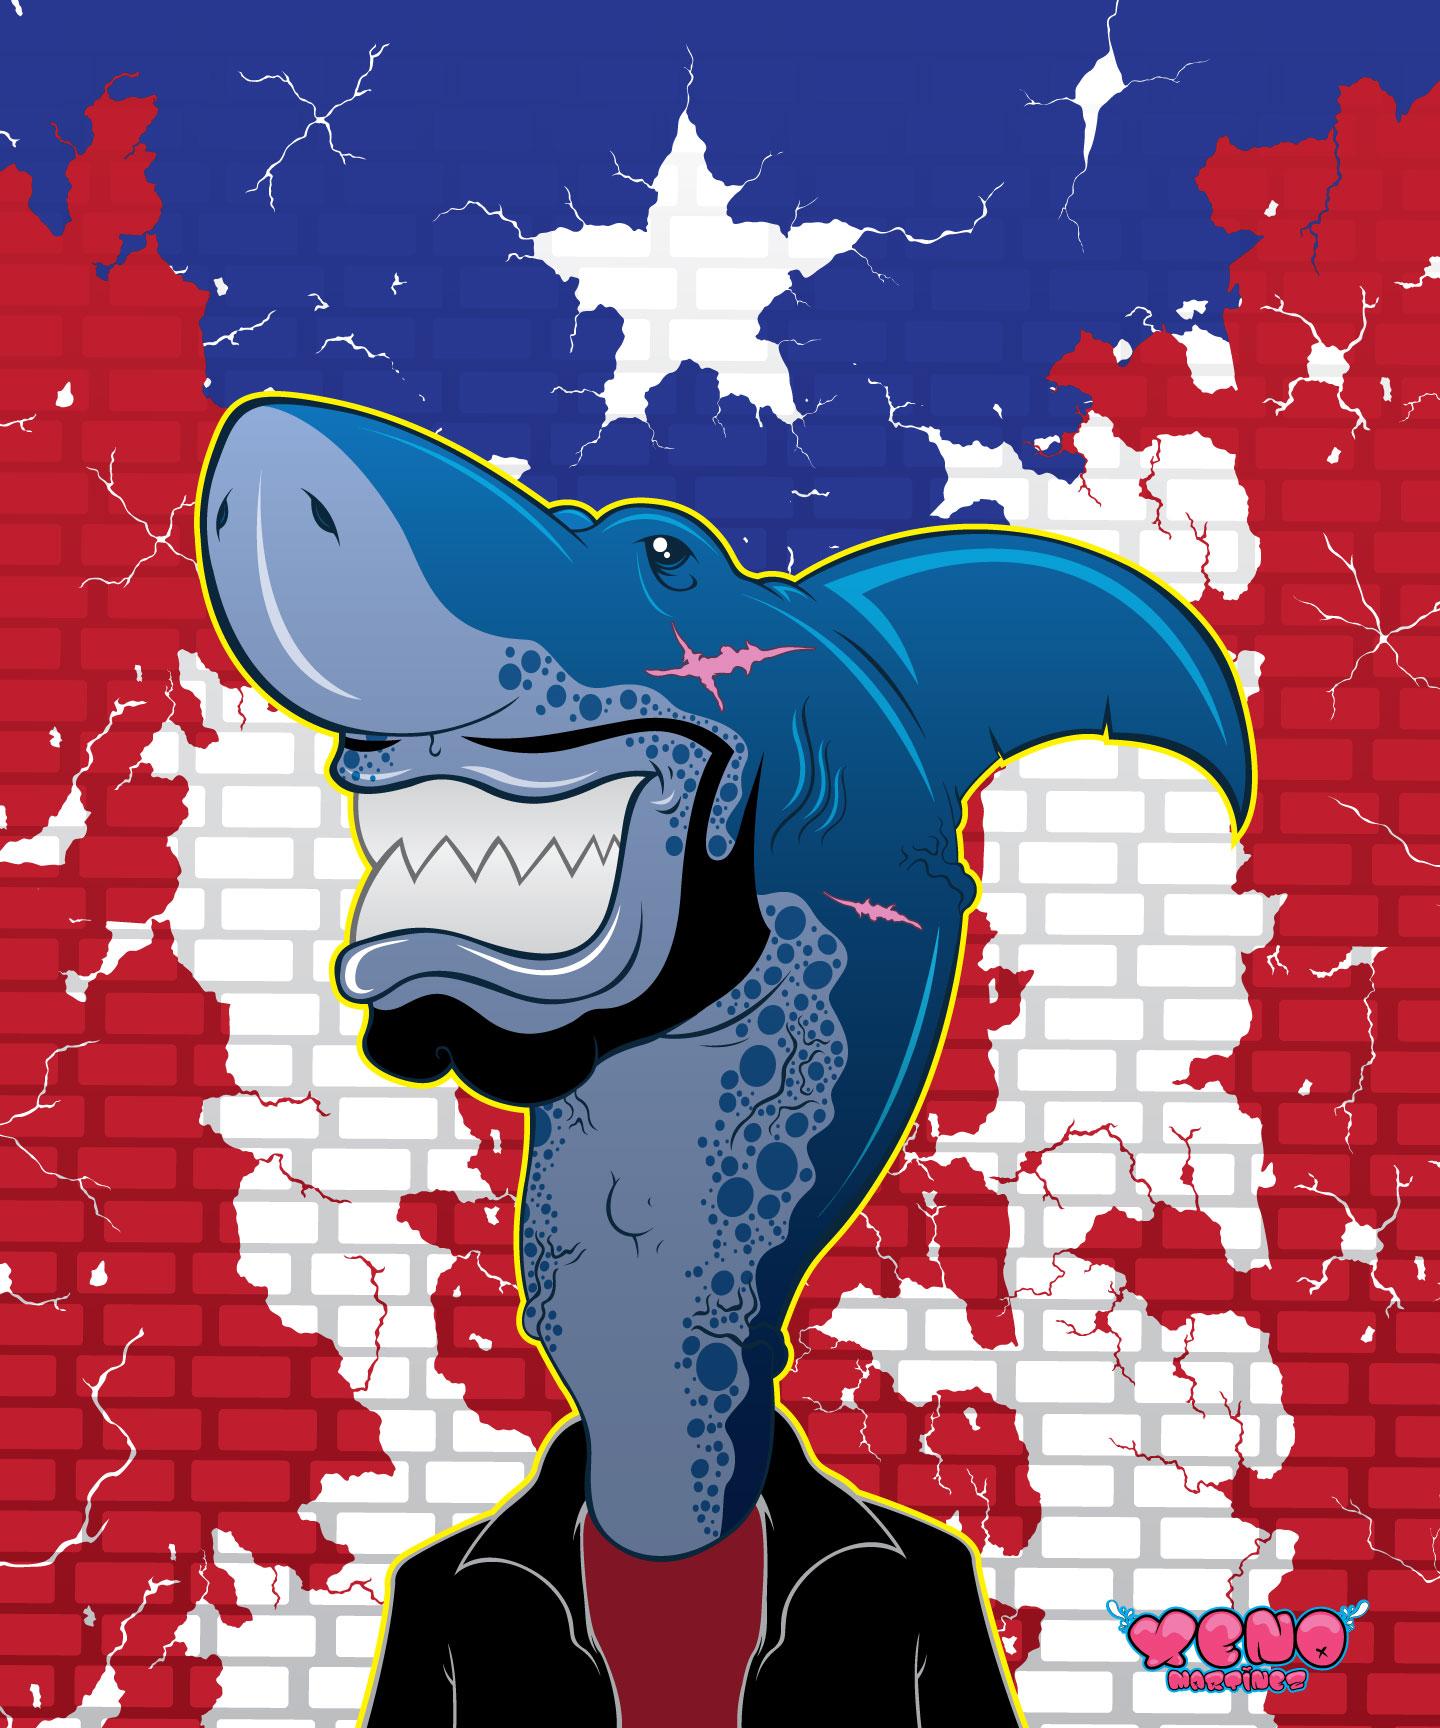 Boricua Shark